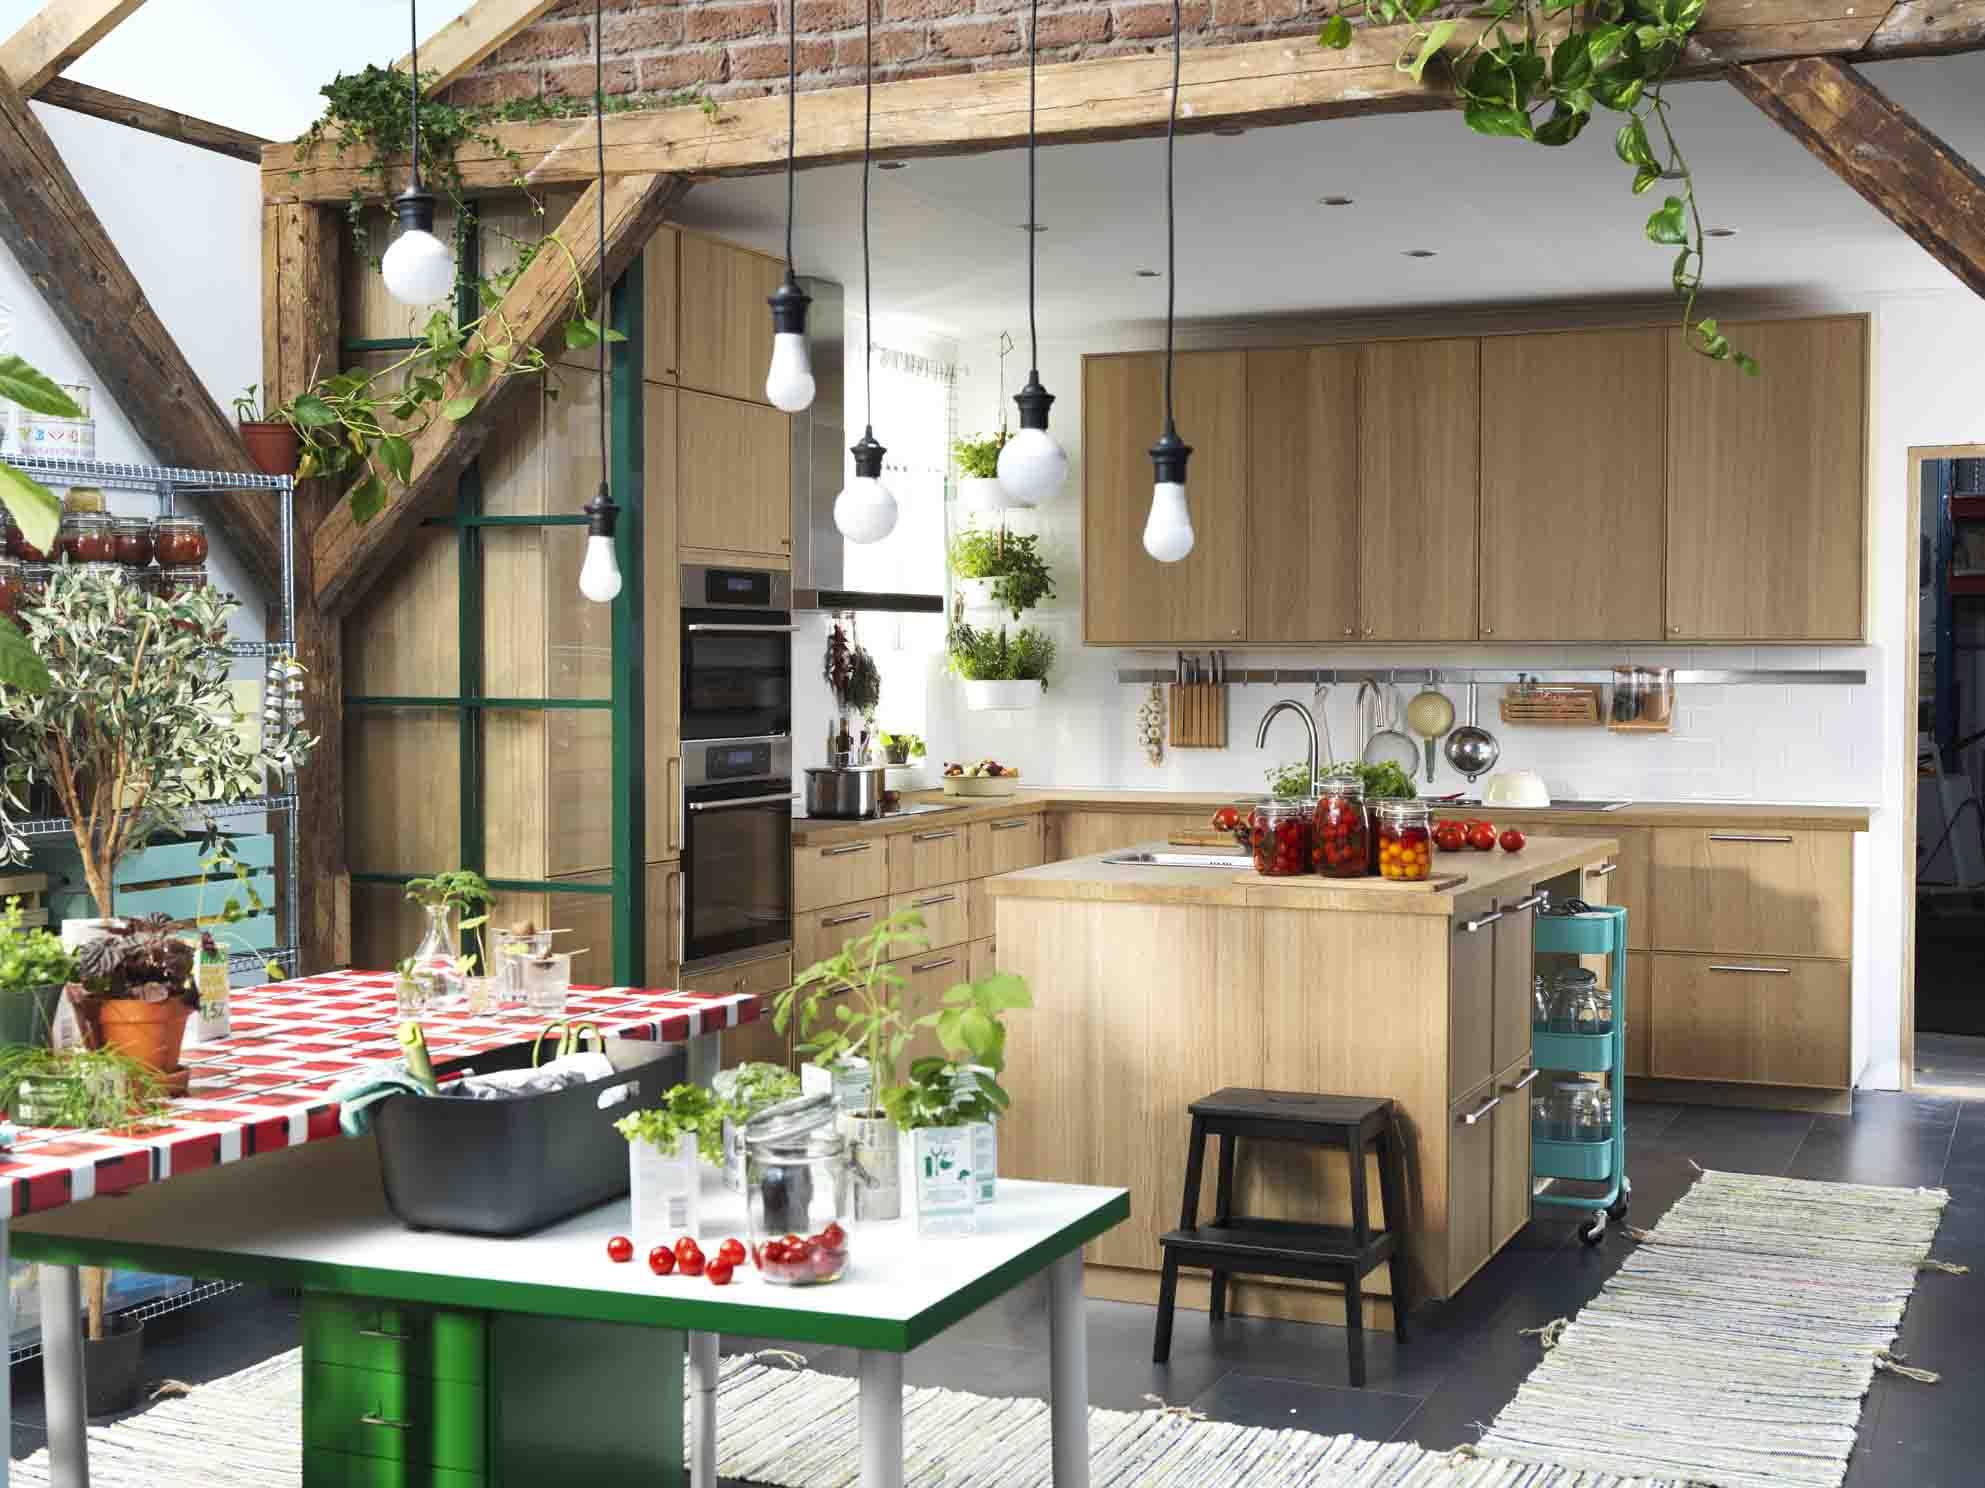 Ikea Valencia se suma a los días de #inspirACCIÓN los días 5 y 6 de febrero